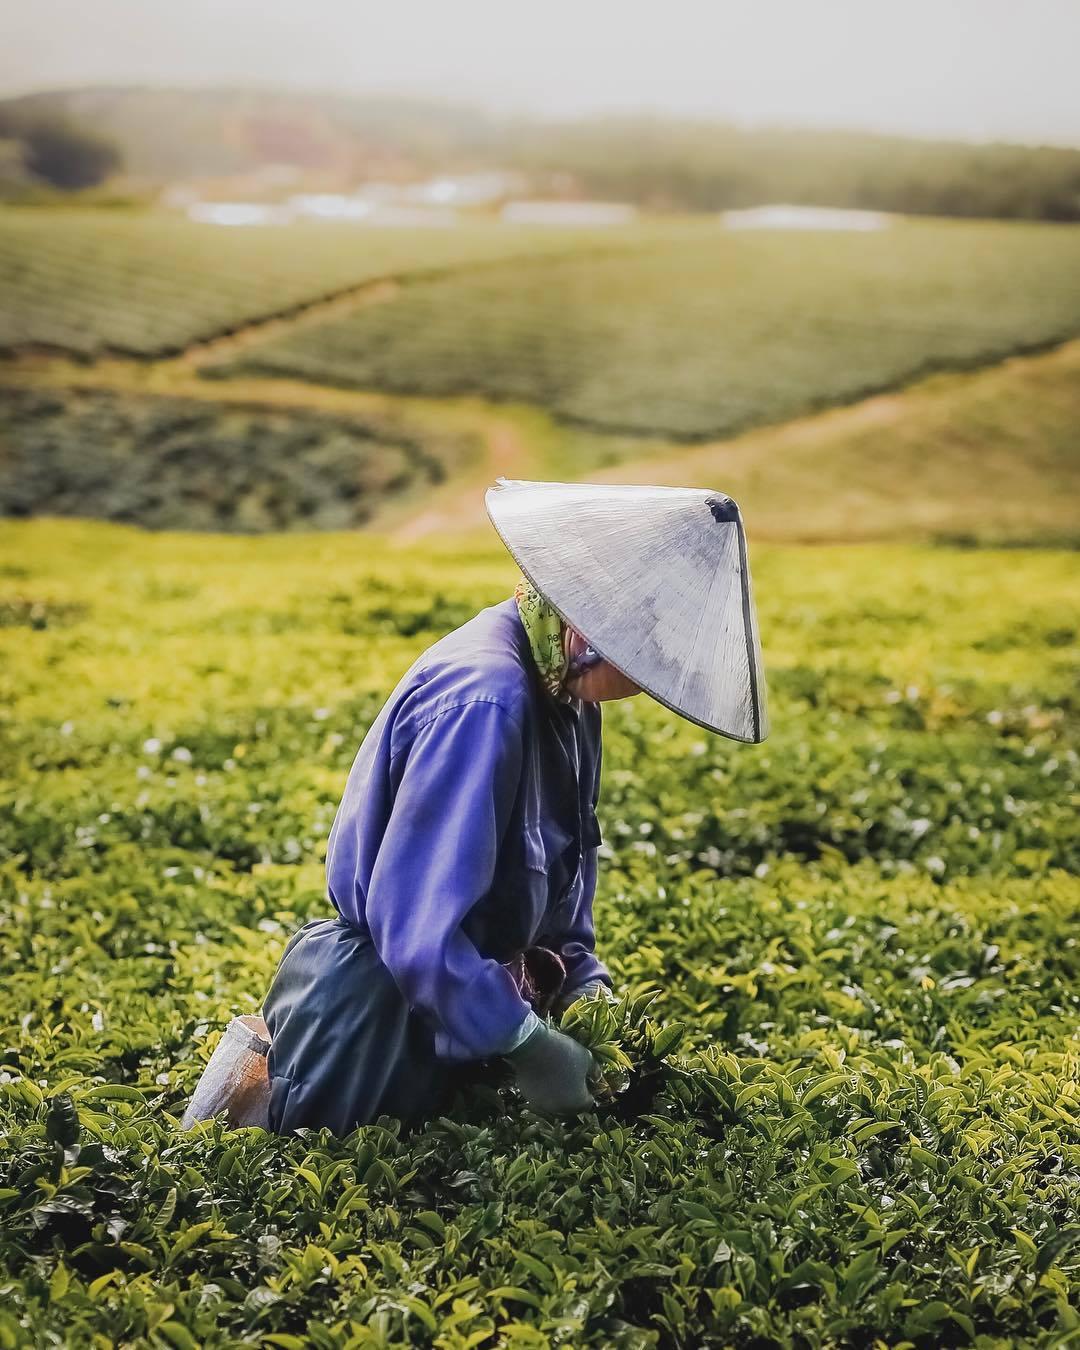 Công nhân thu hoạch chè sáng sớm tại đồi chè Cầu Đất.